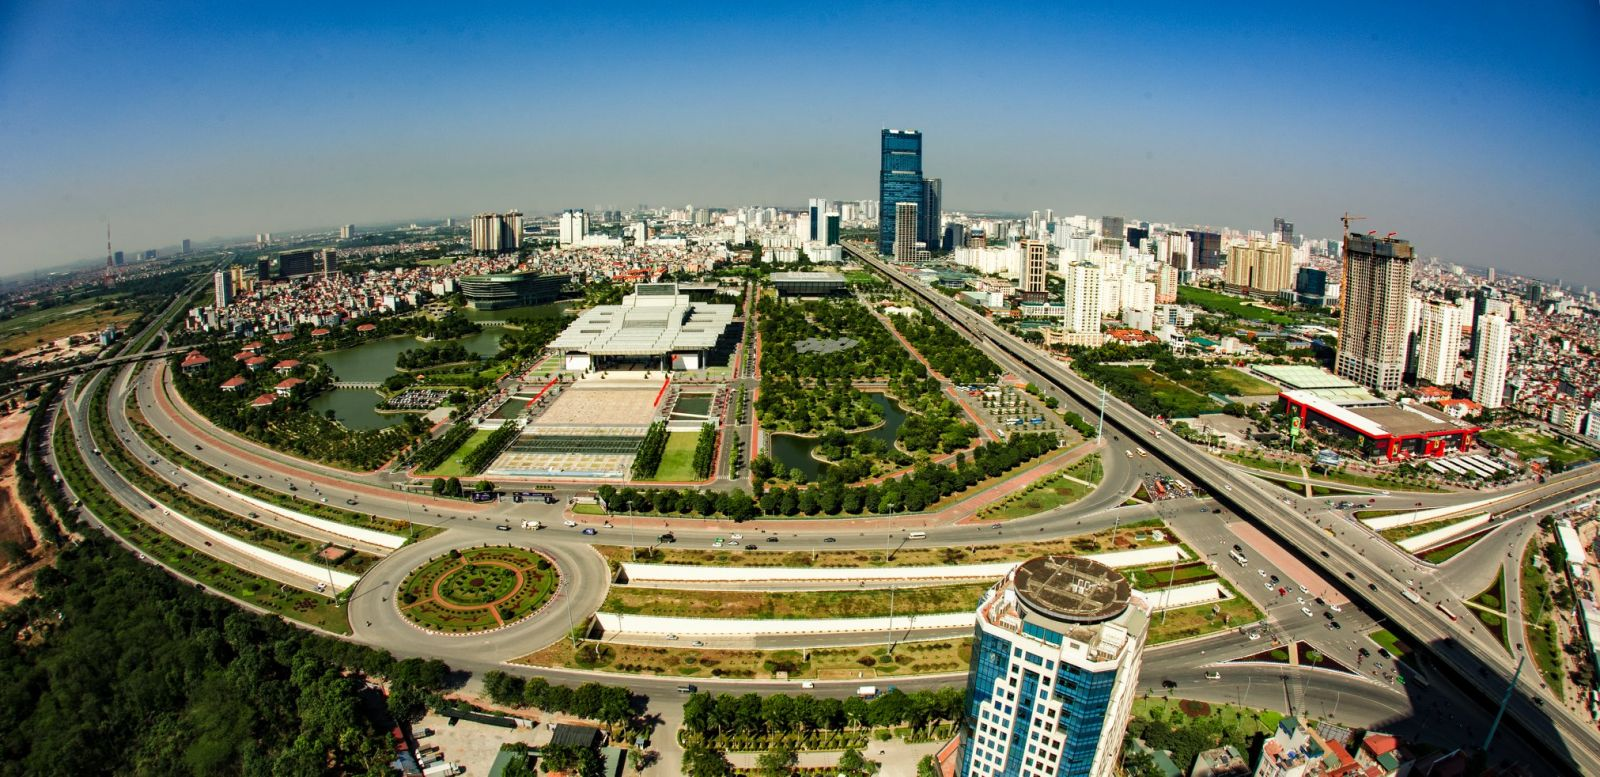 5 nhiệm vụ triển khai lập đồng thời các quy hoạch thời kỳ 2021-2030